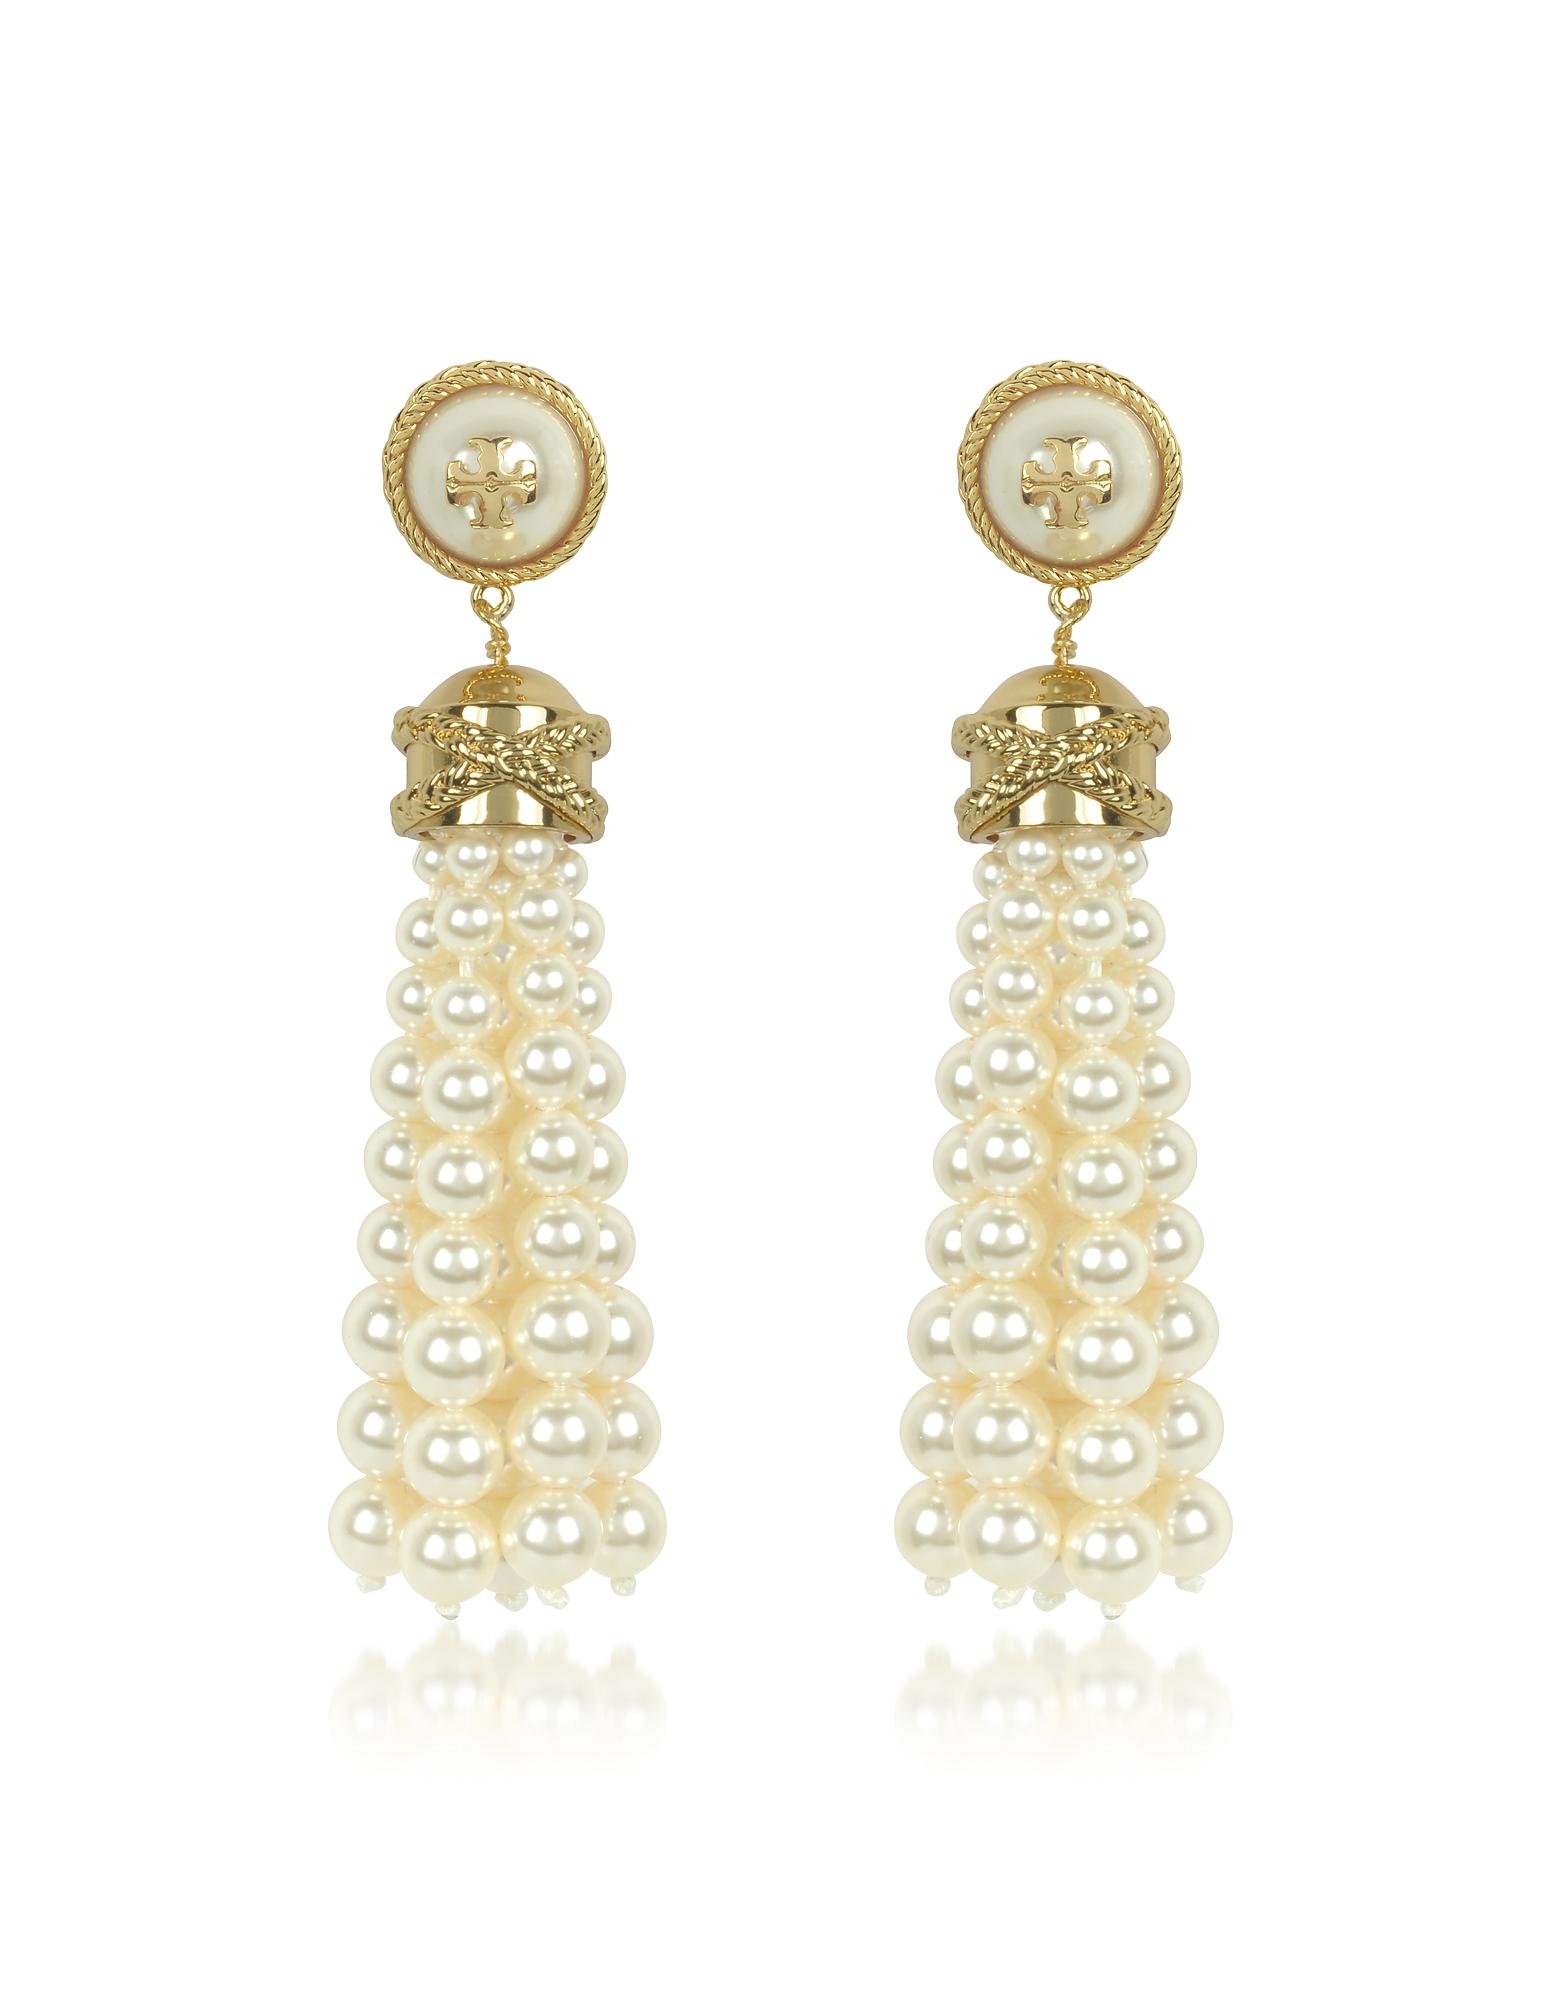 Tory Burch Earrings, Tory Gold Brass and Resin Beaded Tassel Drop Earrings